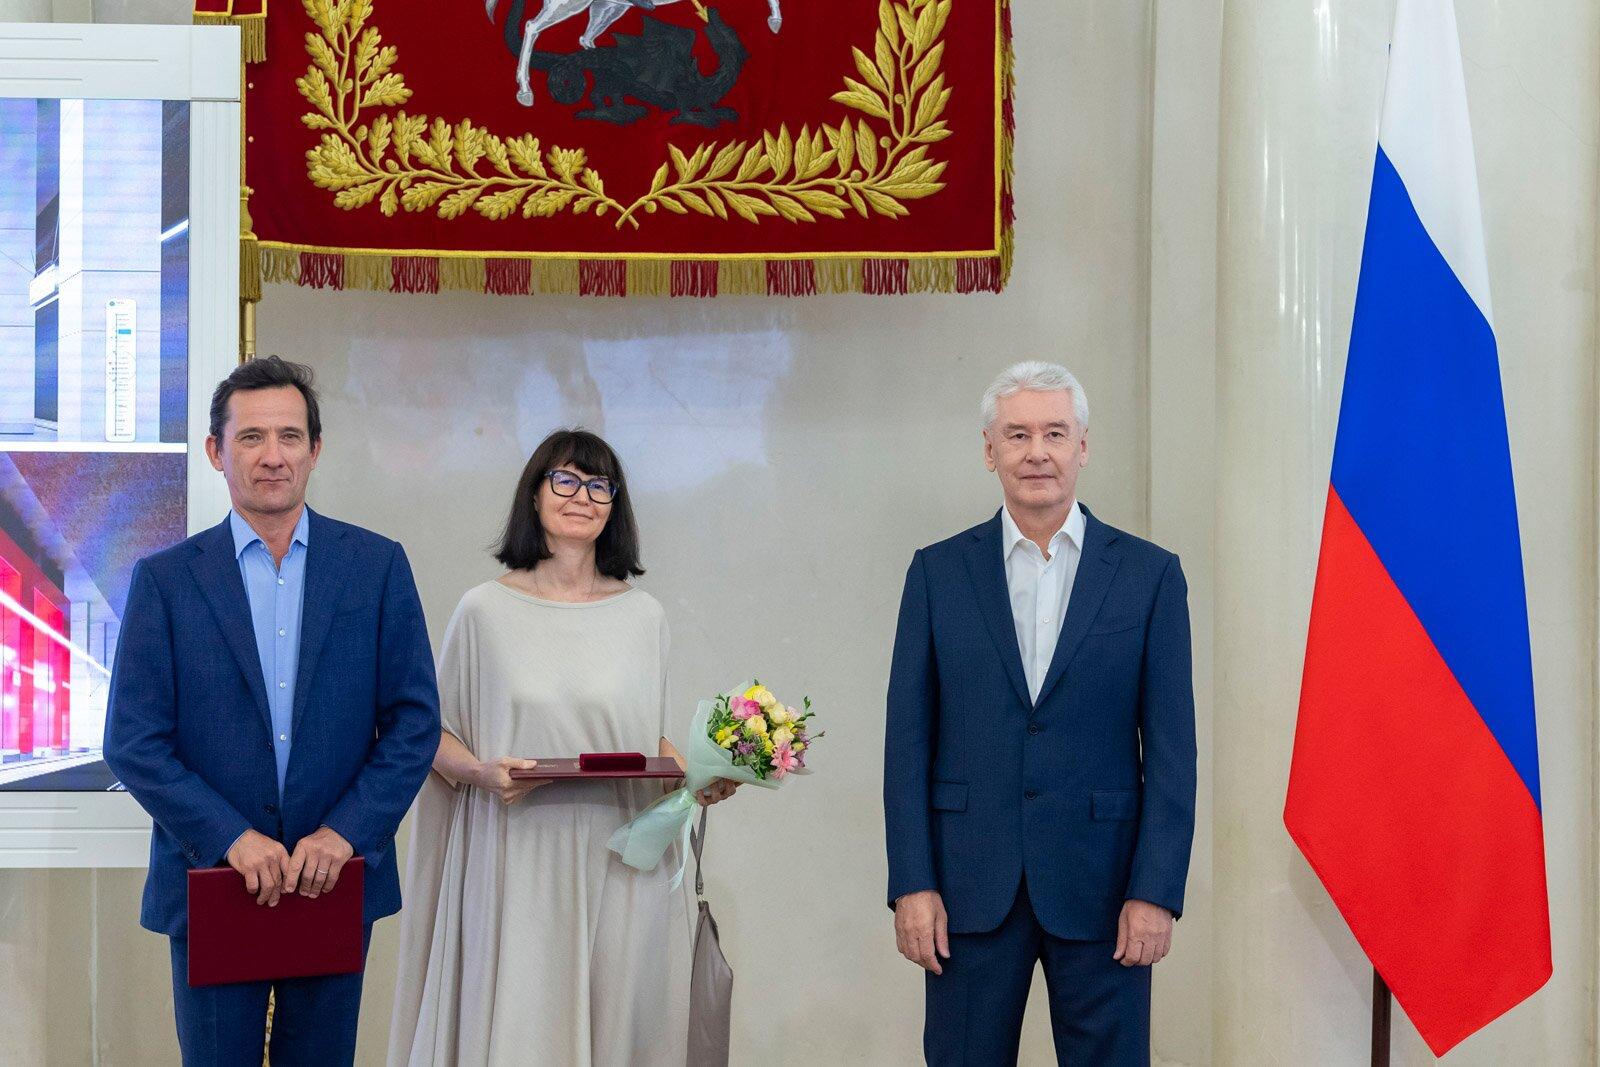 и архитектору Вере Иордановой. Фото: Владимир Новиков, пресс-служба мэра и Правительства Москвы